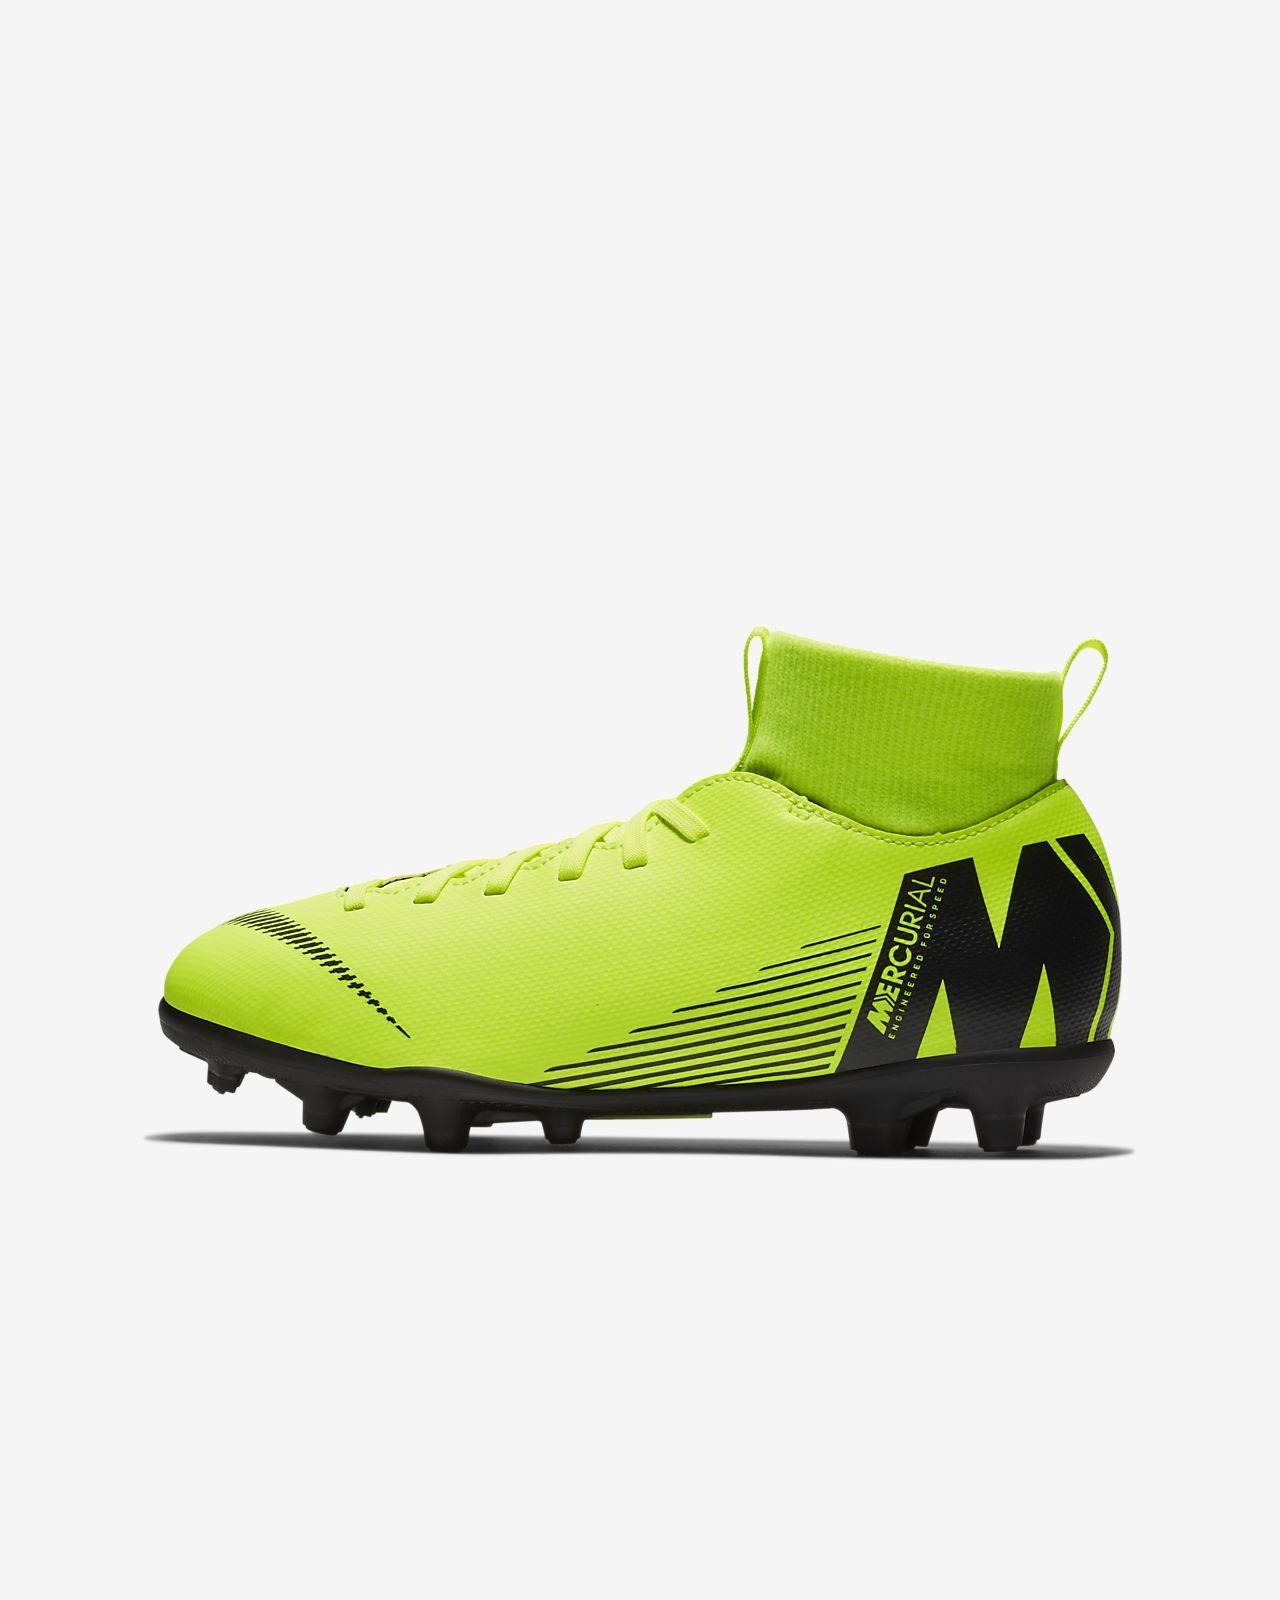 3b5cfce68c6a8 ... Chuteiras de futebol multiterreno Nike Jr. Mercurial Superfly VI Club  para criança Júnior